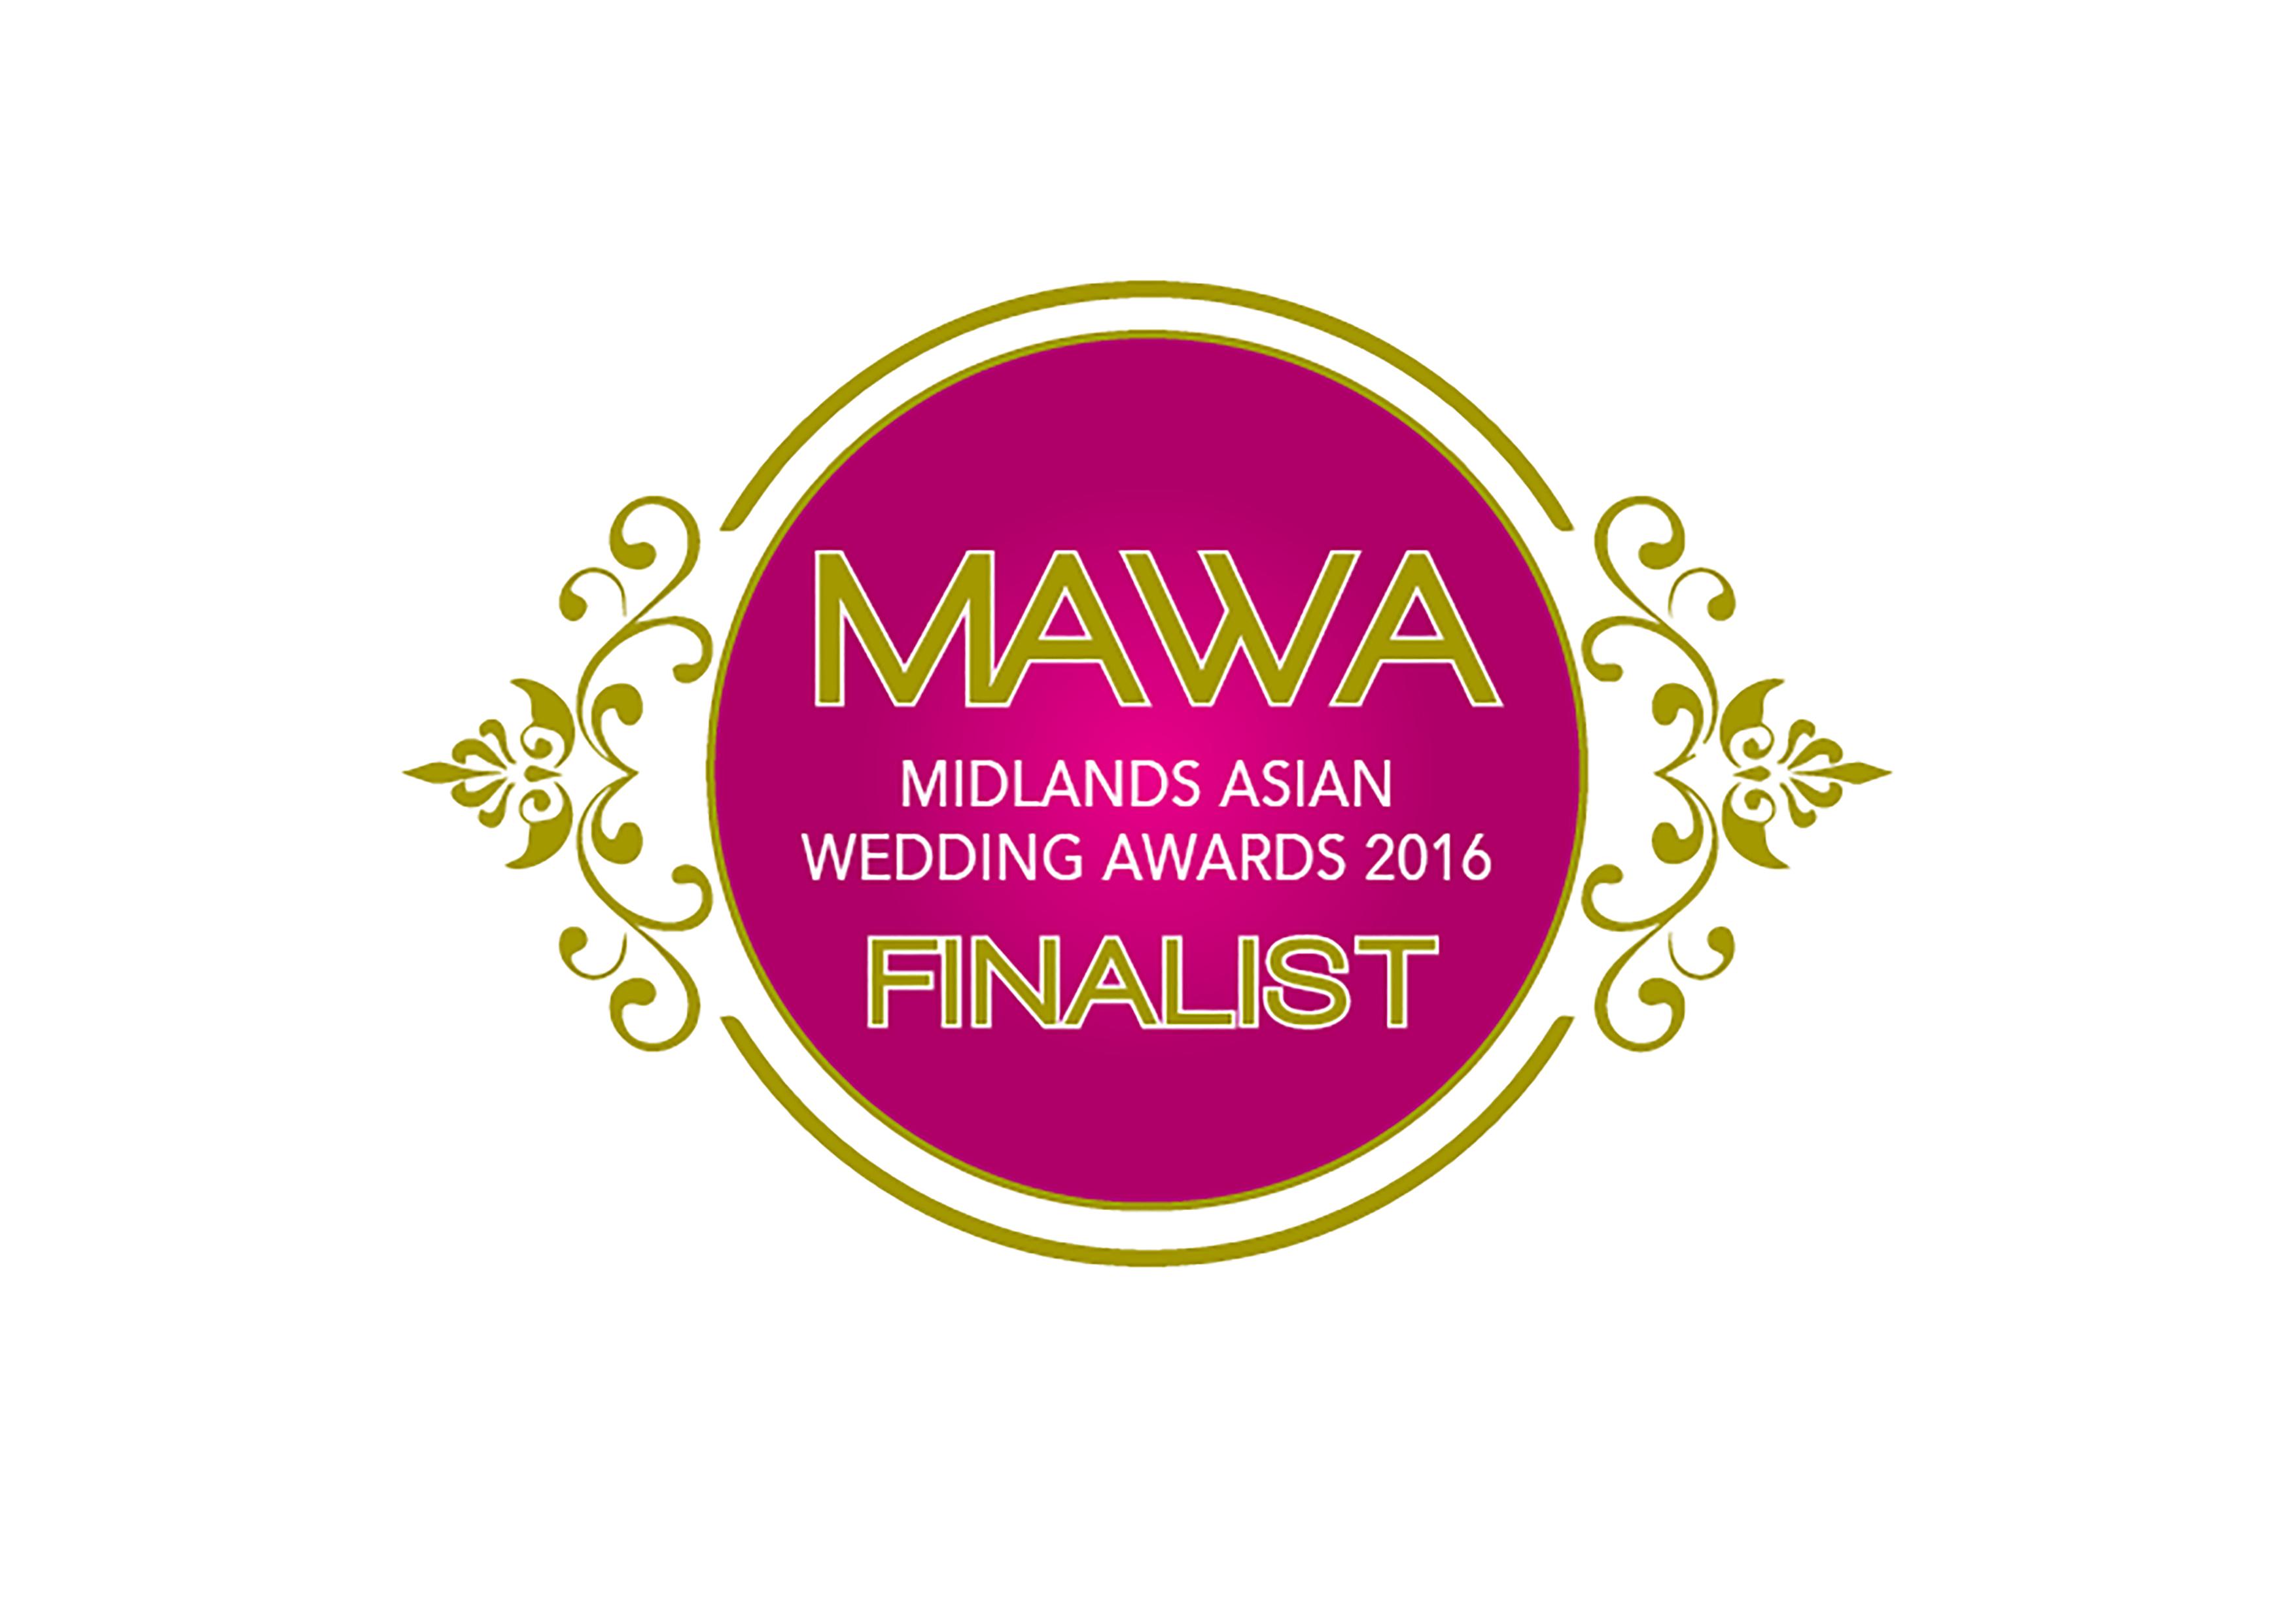 mawa-finalist-logo